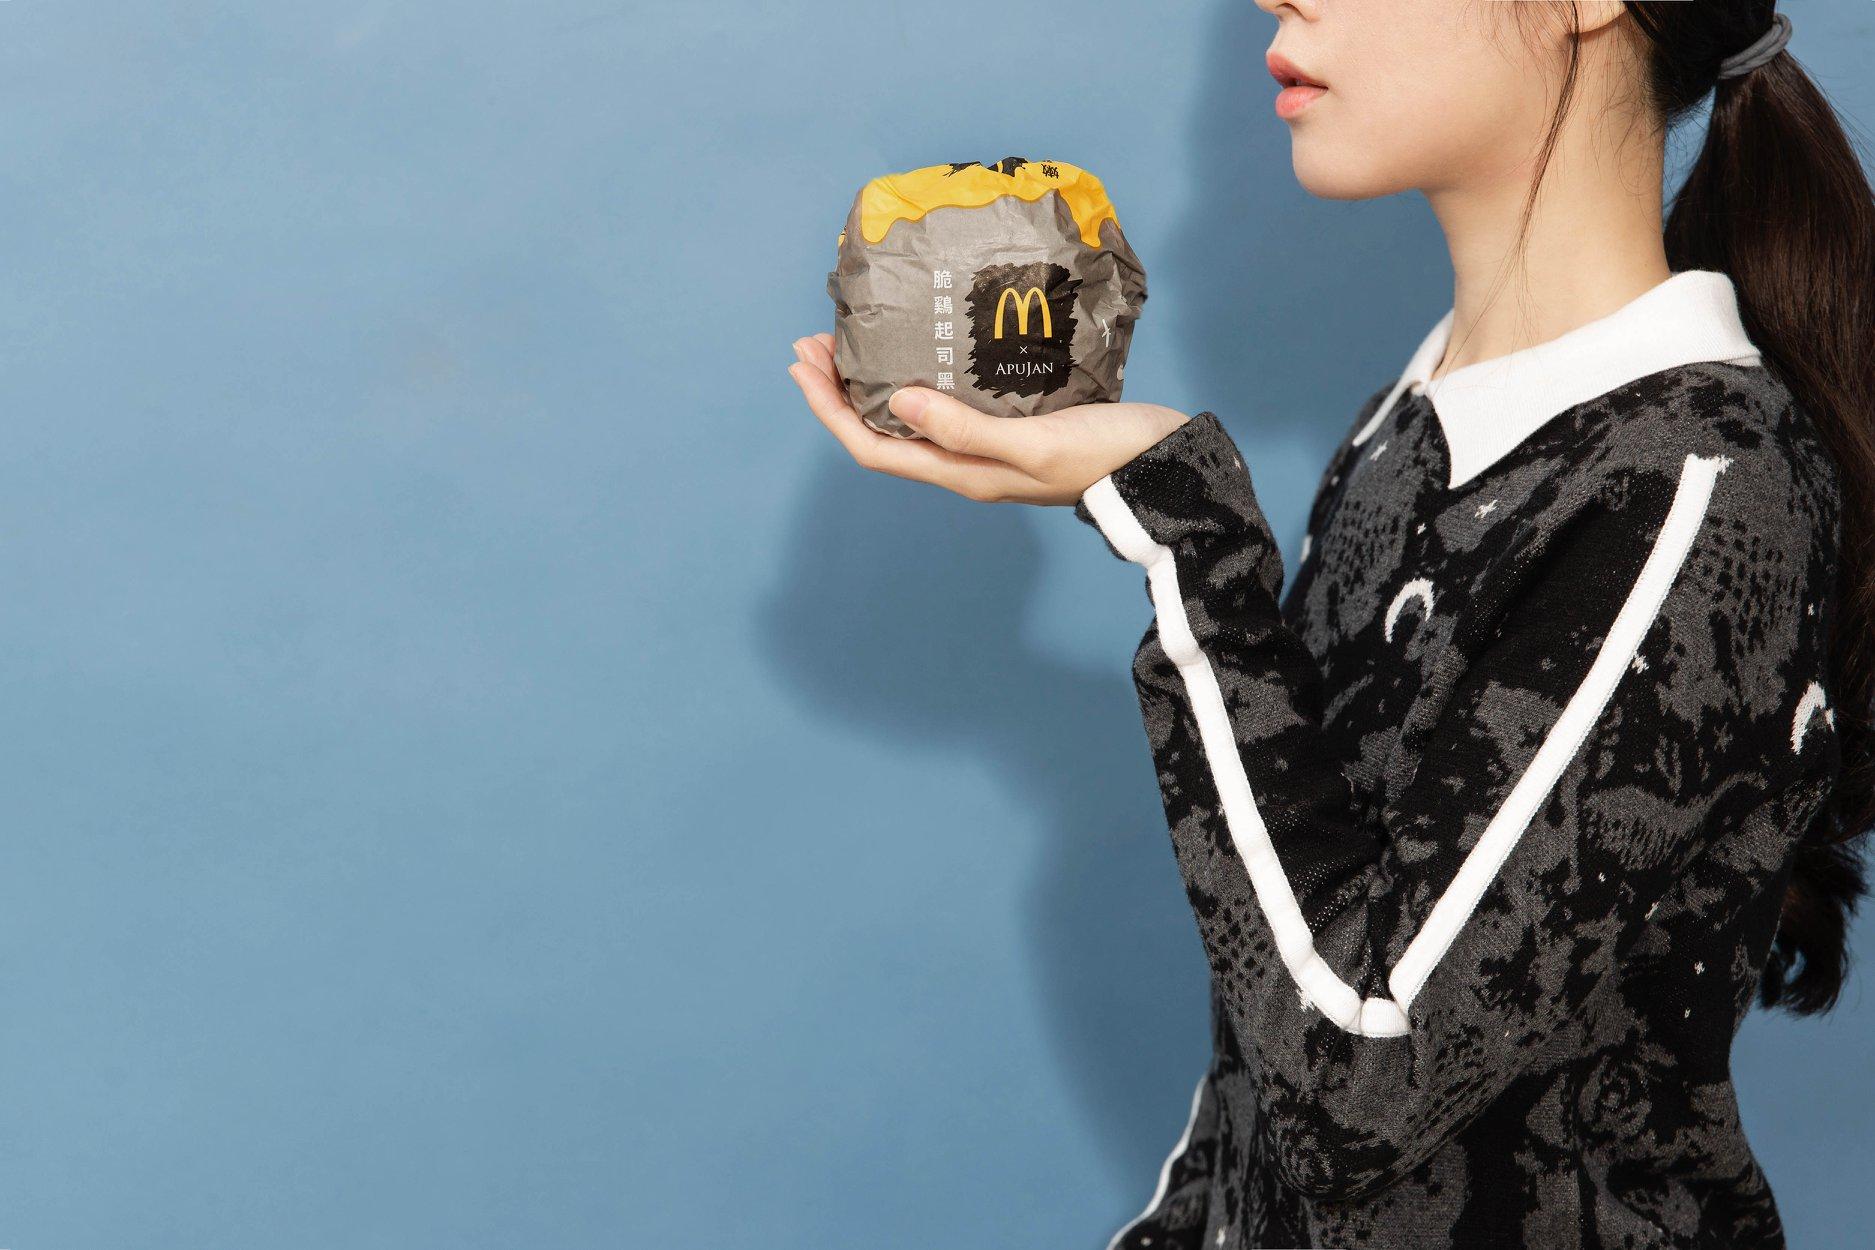 麥當勞 X APUJAN酷靚中性黑漢堡,給有型有料有質感的女孩